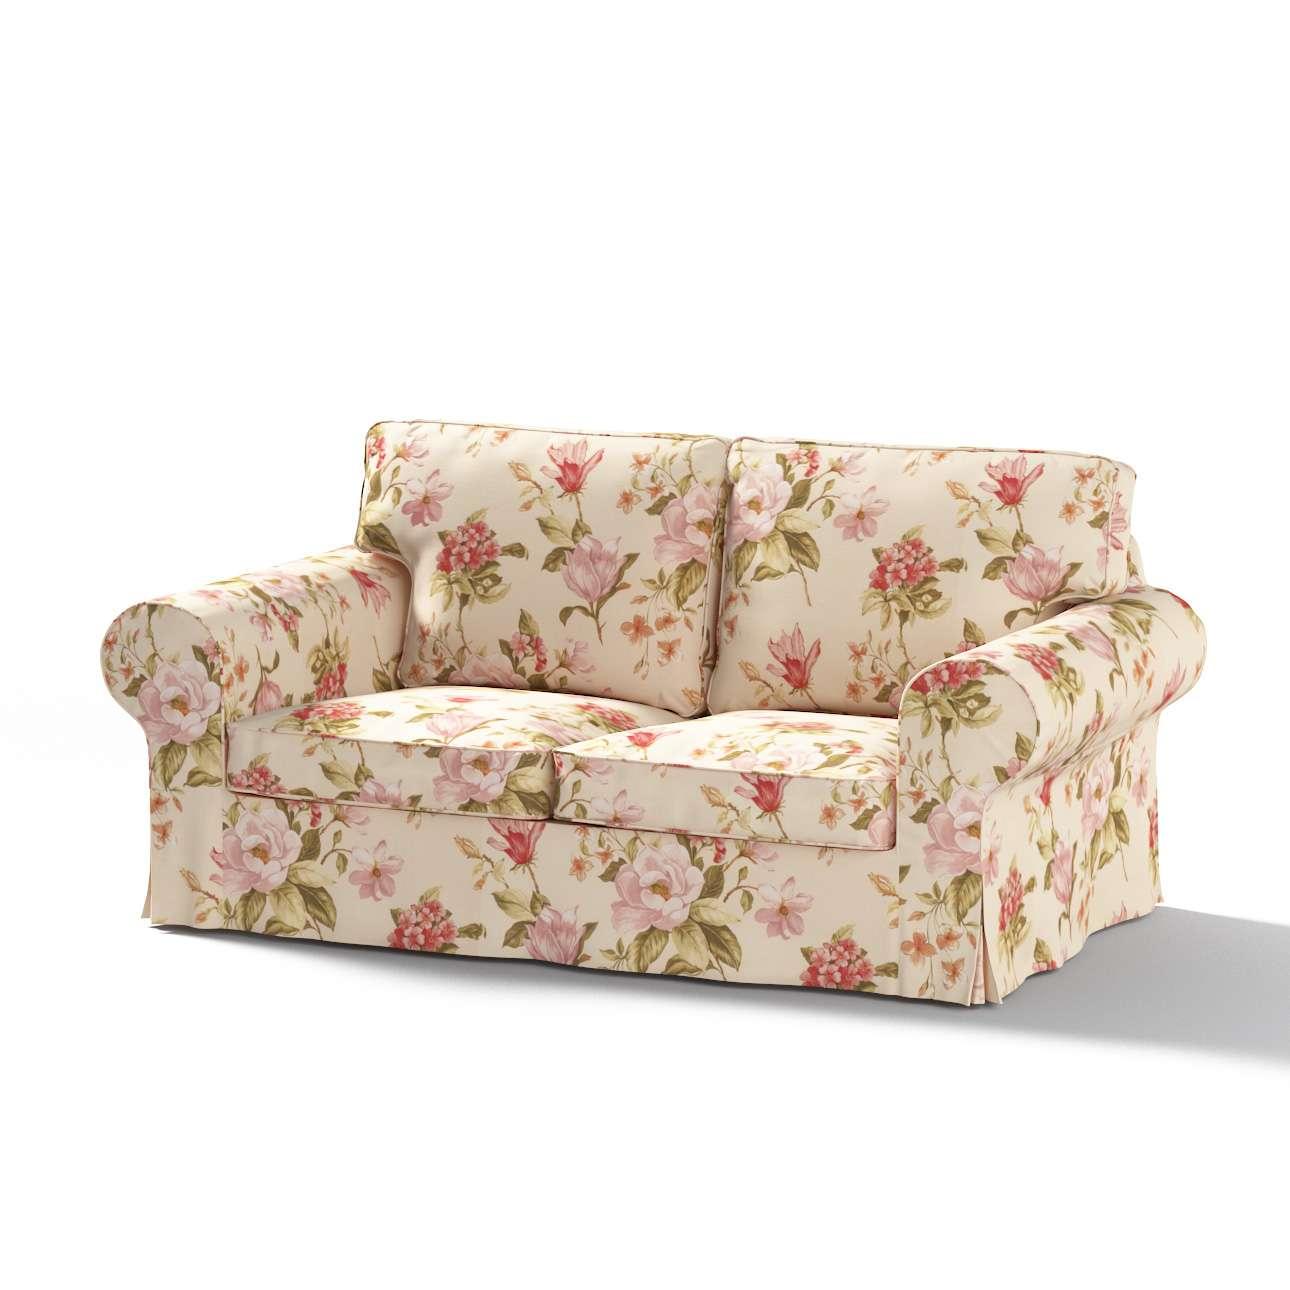 Ektorp betræk 2 sæder sovesofa gammel model<br/>Bredde ca 195cm fra kollektionen Londres, Stof: 123-05